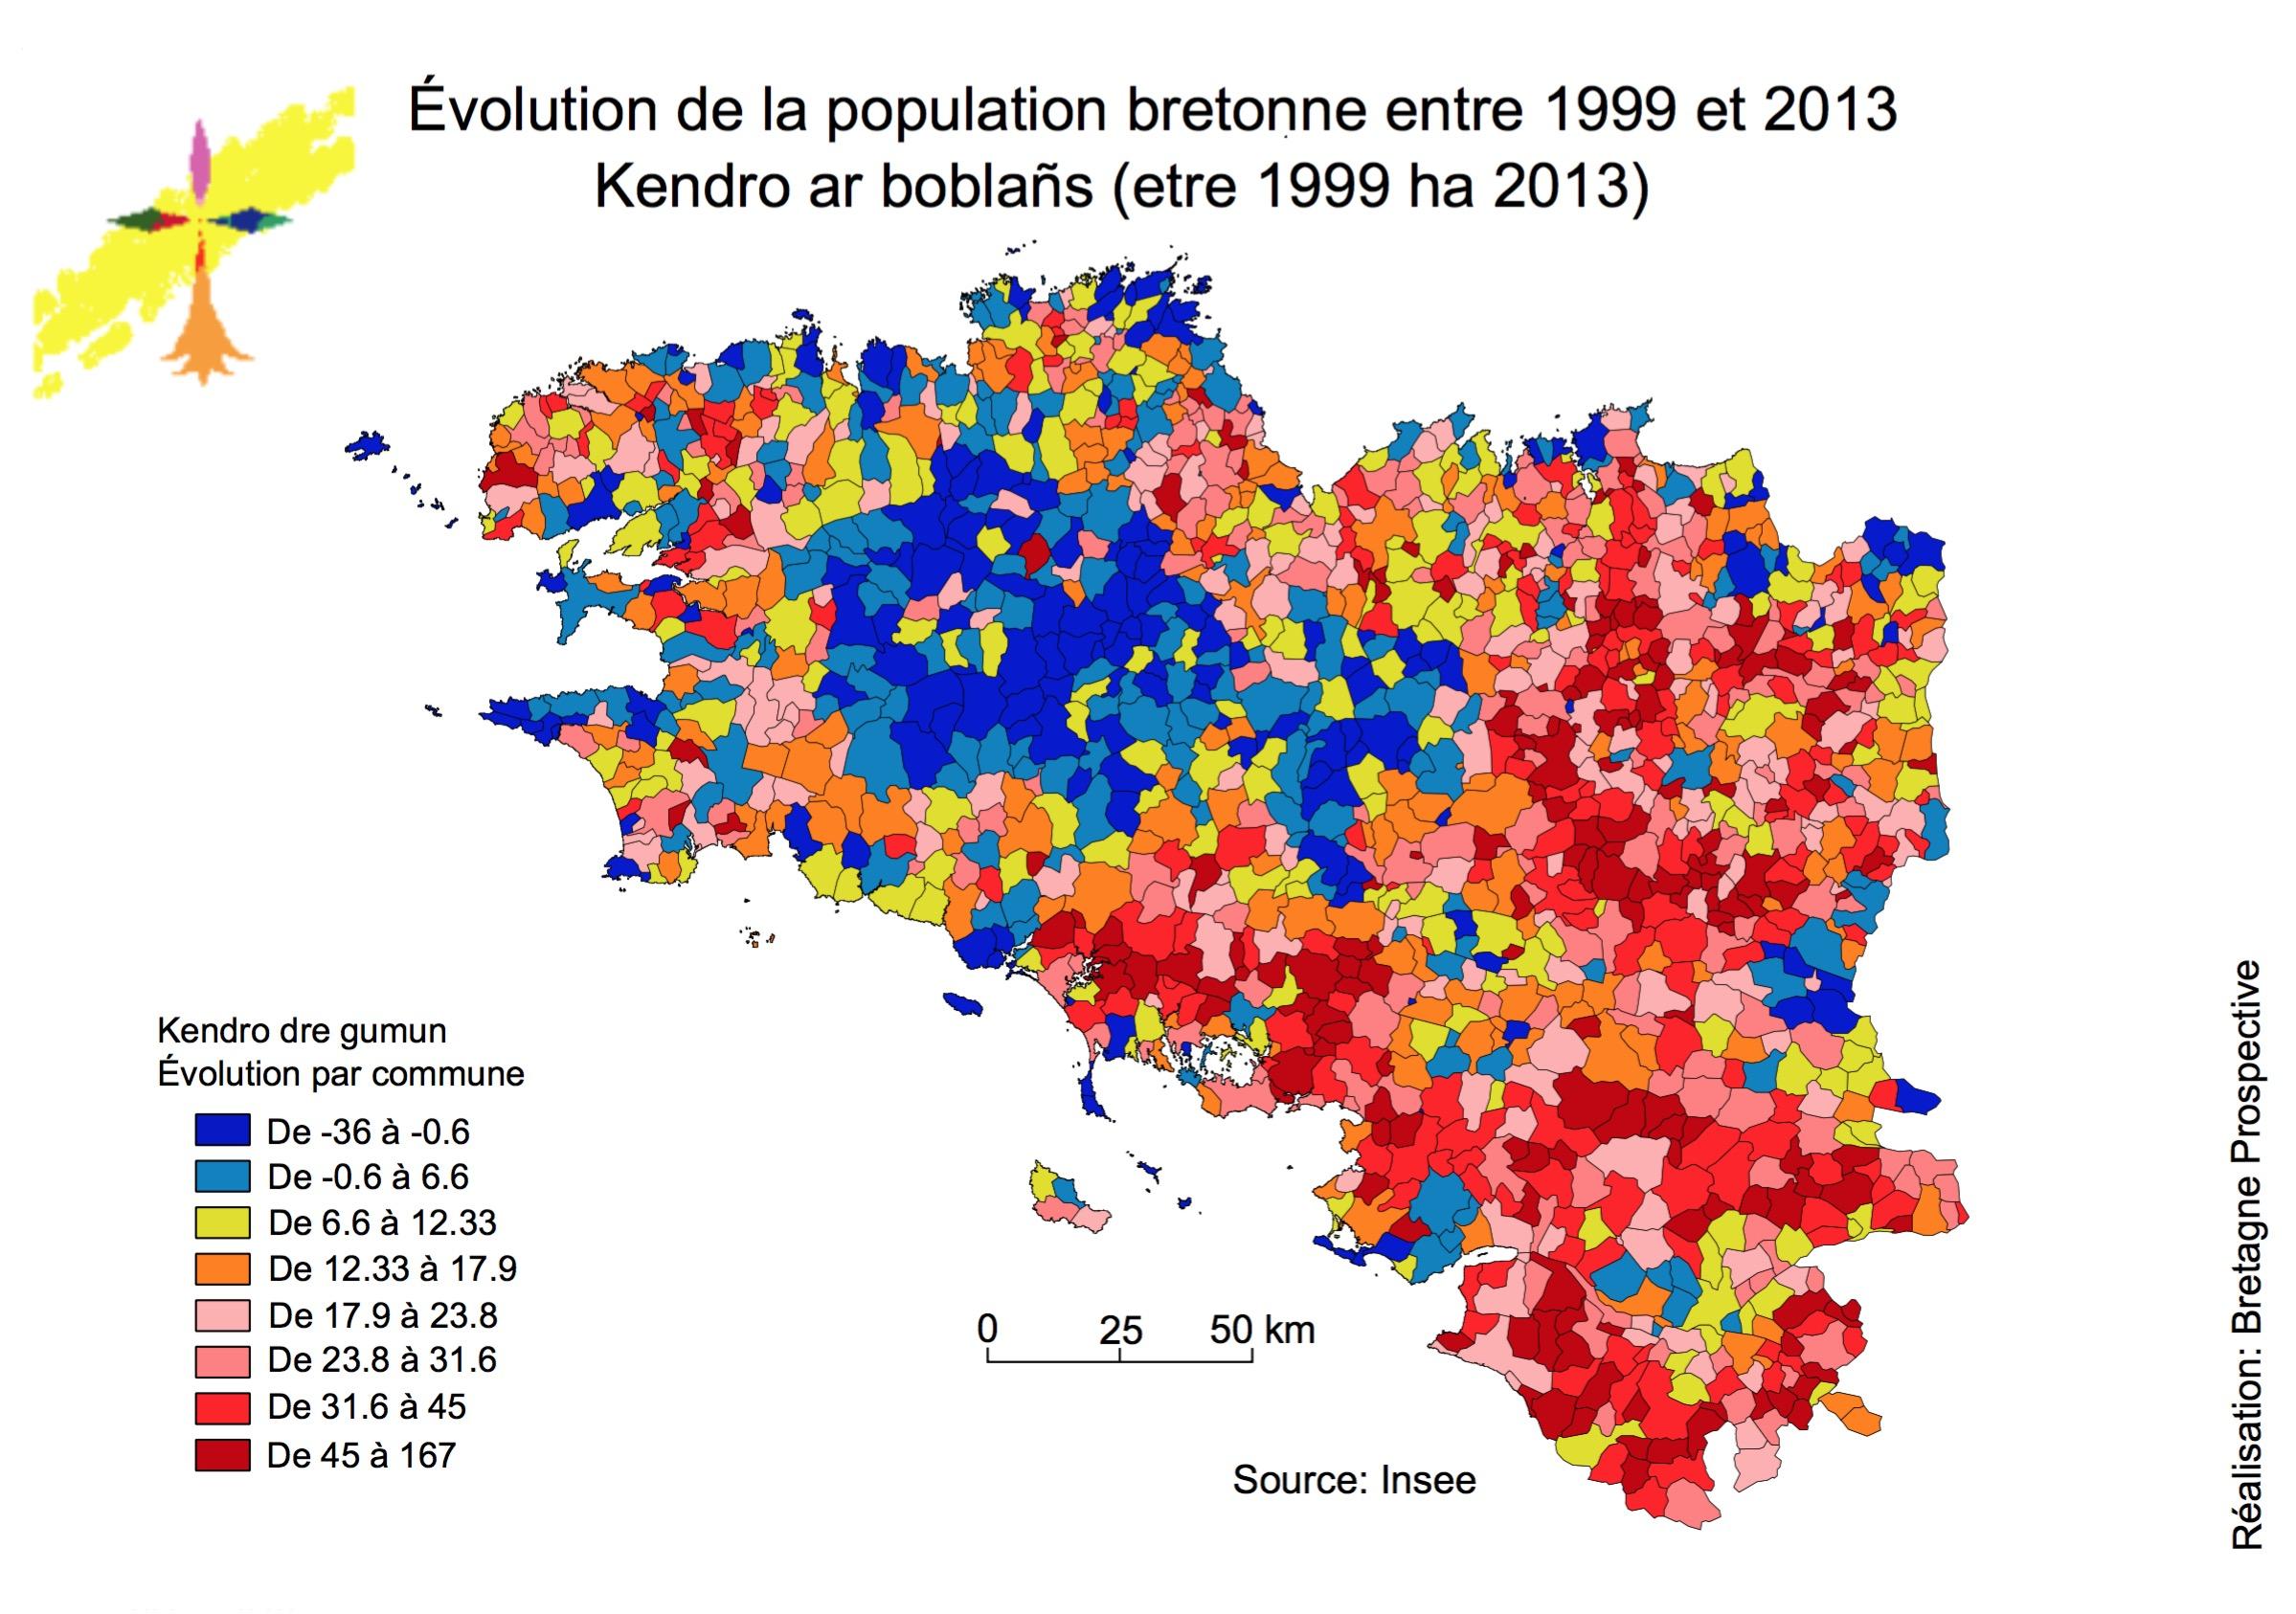 L'évolution démographique bretonne: il y a comme un problème